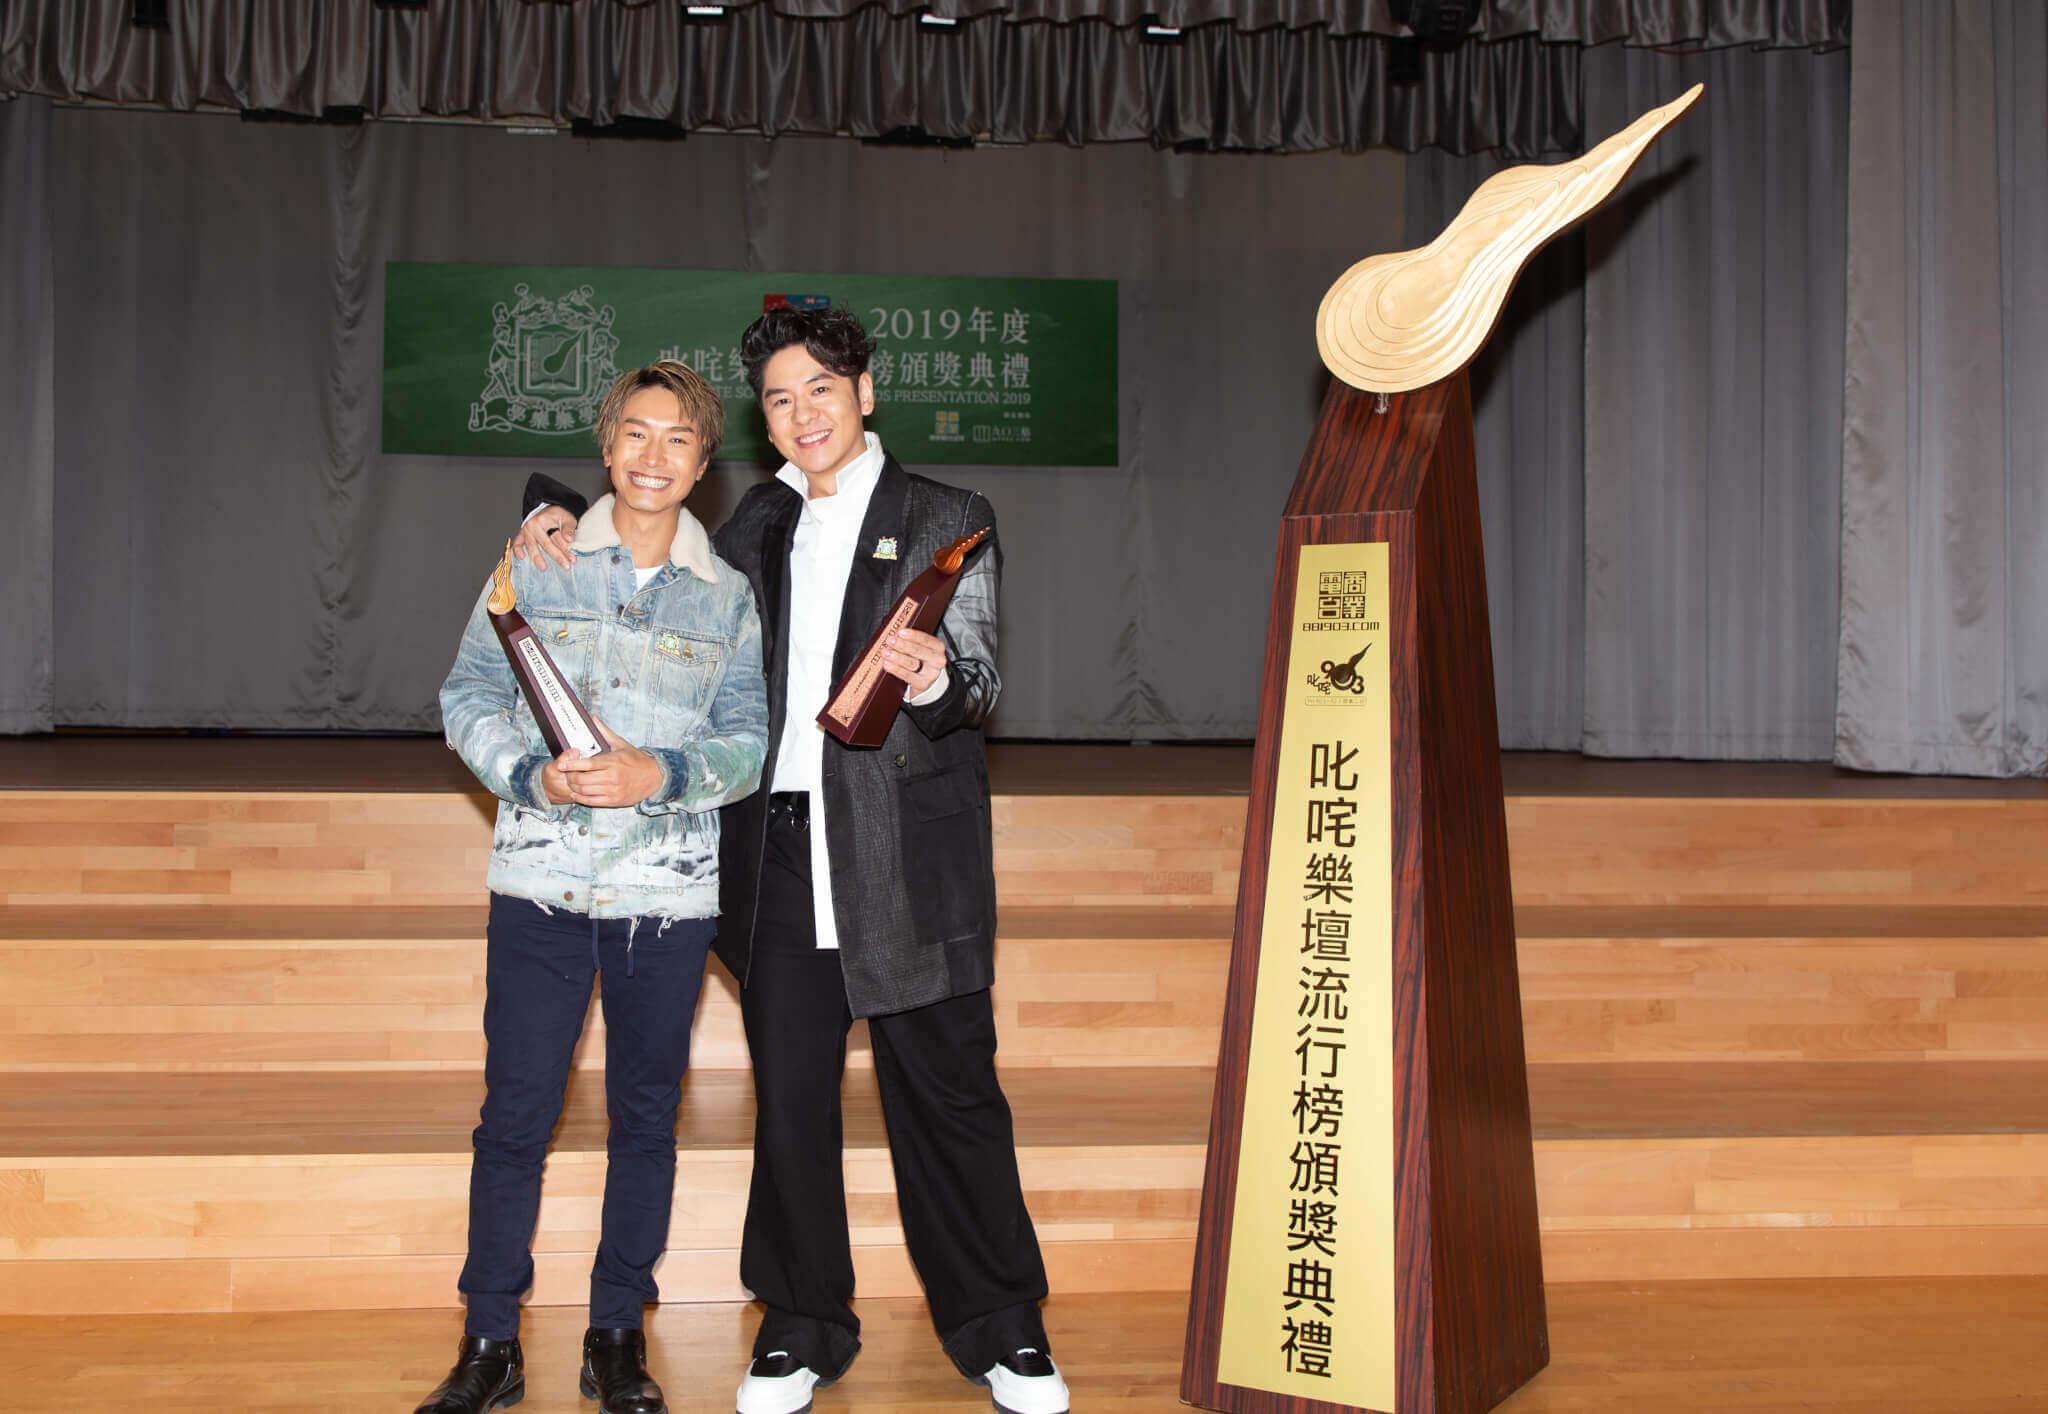 去年《吒咜》男歌手銀獎陳柏宇、銅獎許廷鏗,今年將大洗牌。